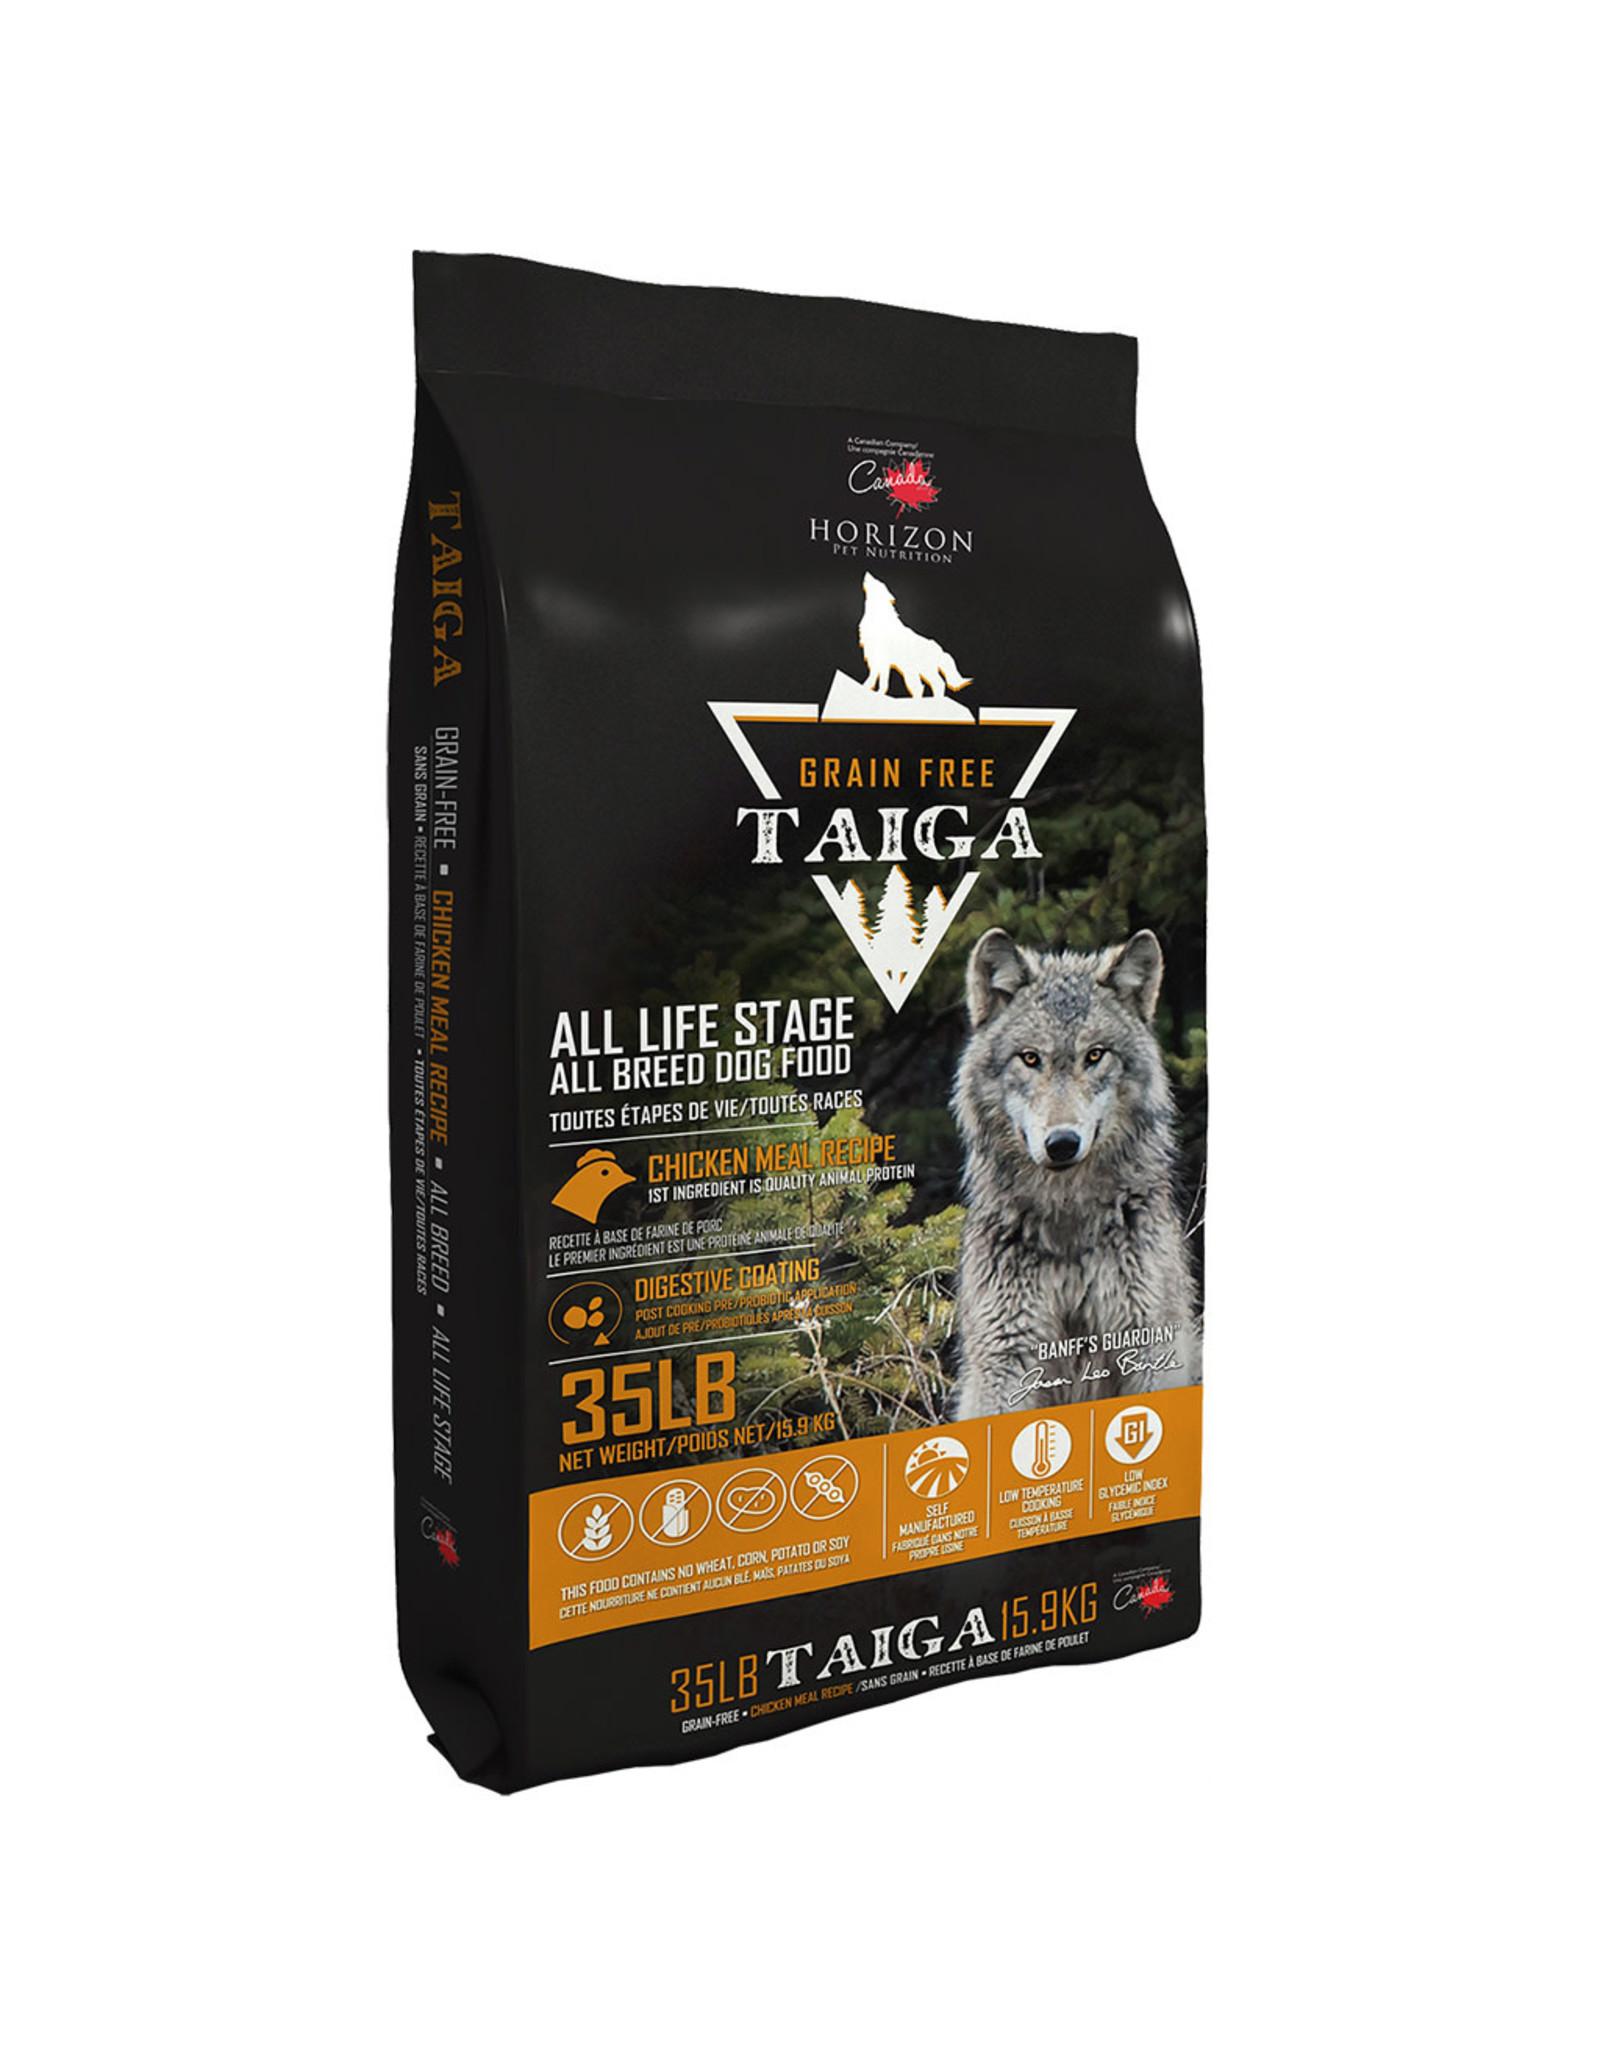 Horizon Taiga Chicken GF [DOG] 15.9KG